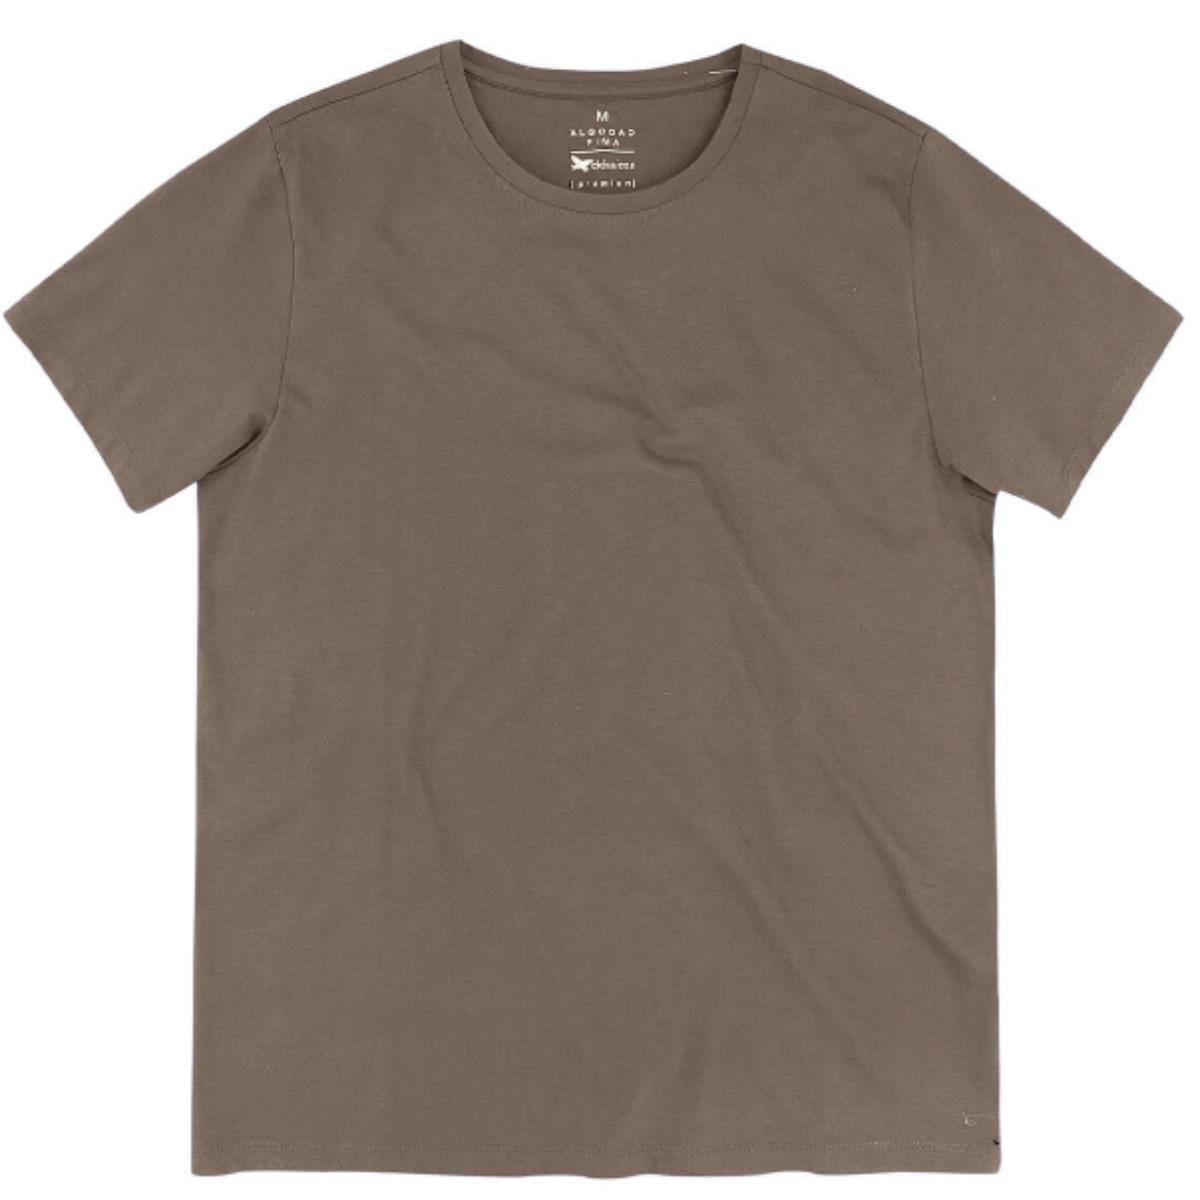 Camiseta Masculina Hering Kg99 Hlesi Marrom